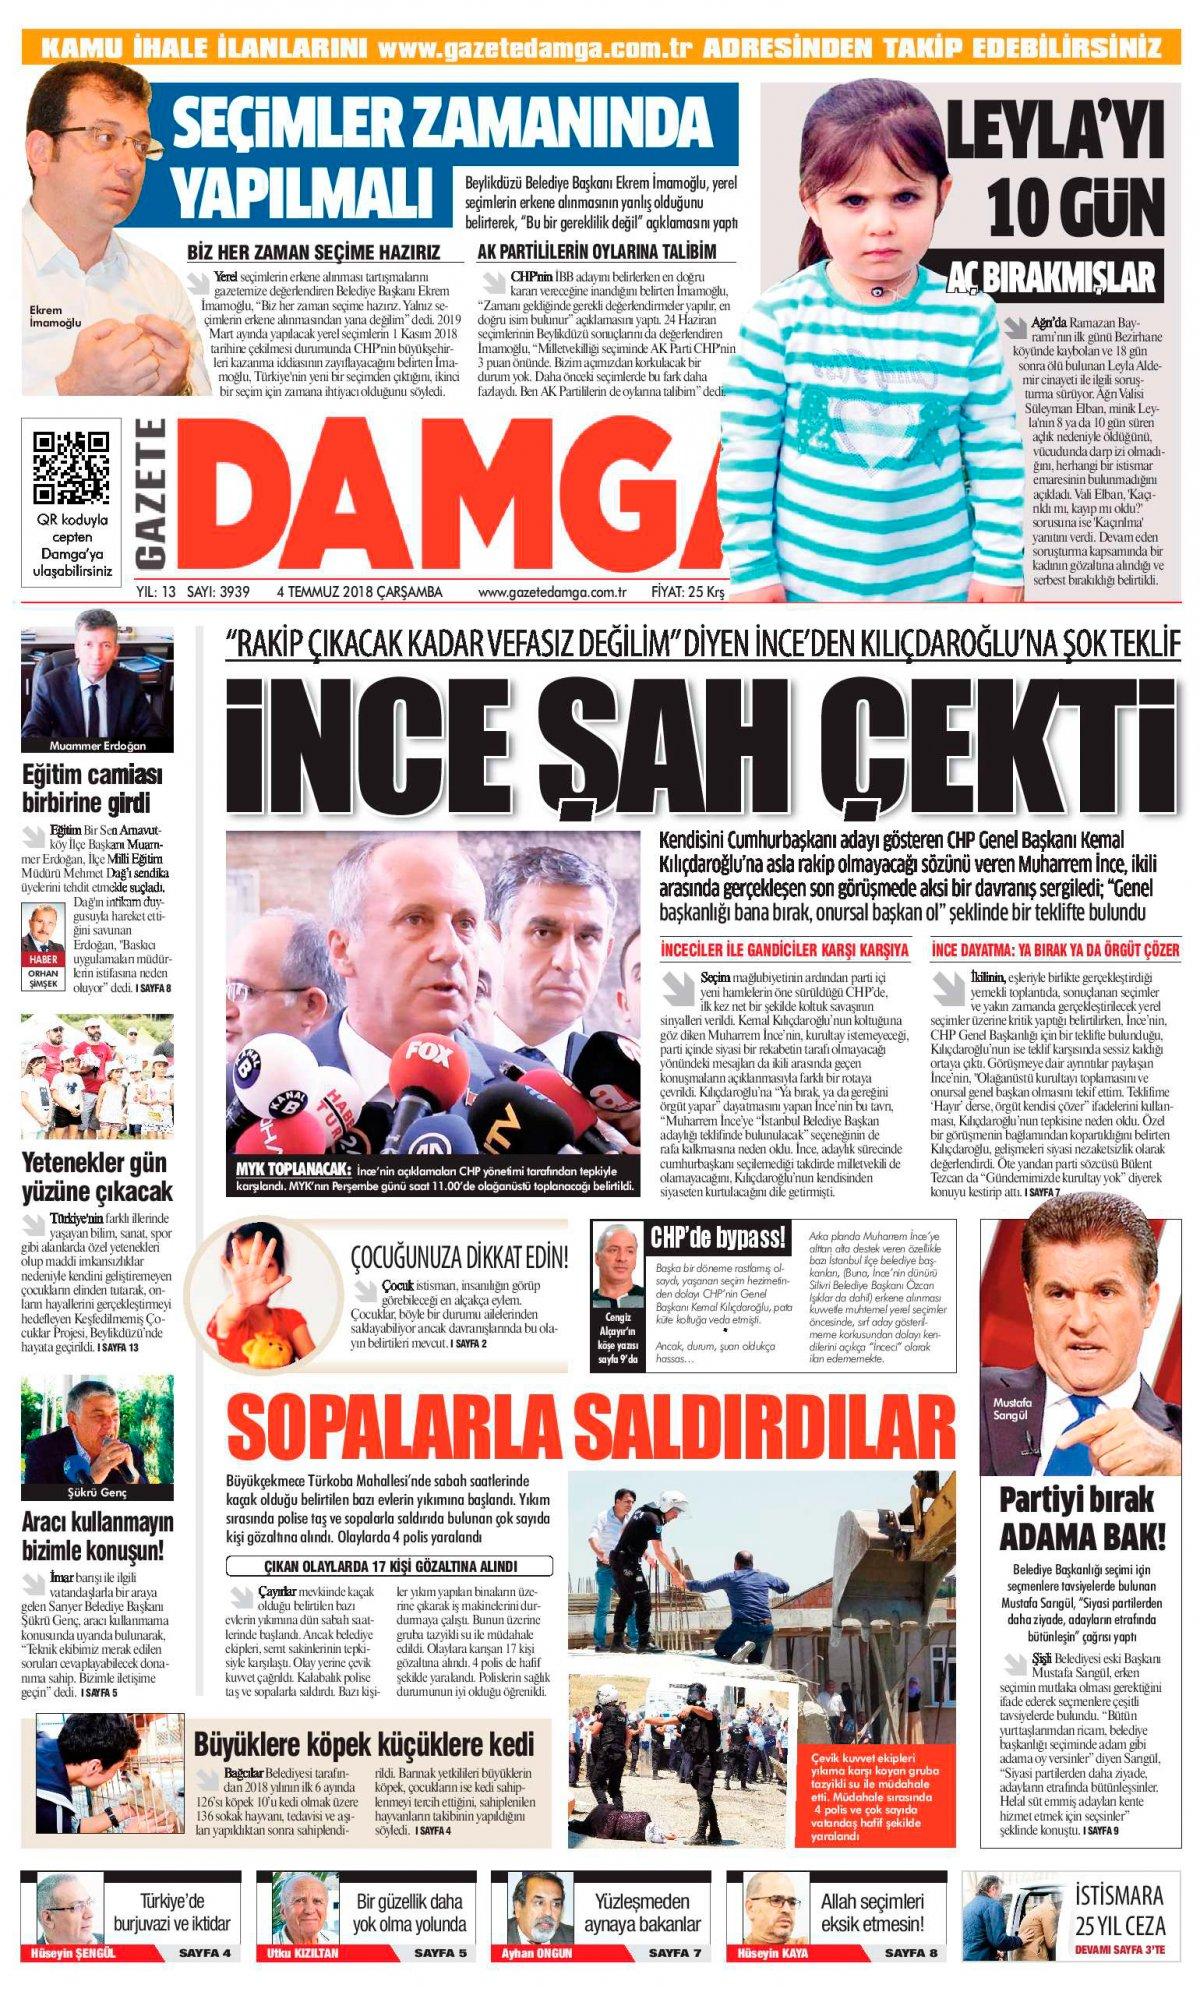 Gazete Damga - 04.07.2018 Manşeti